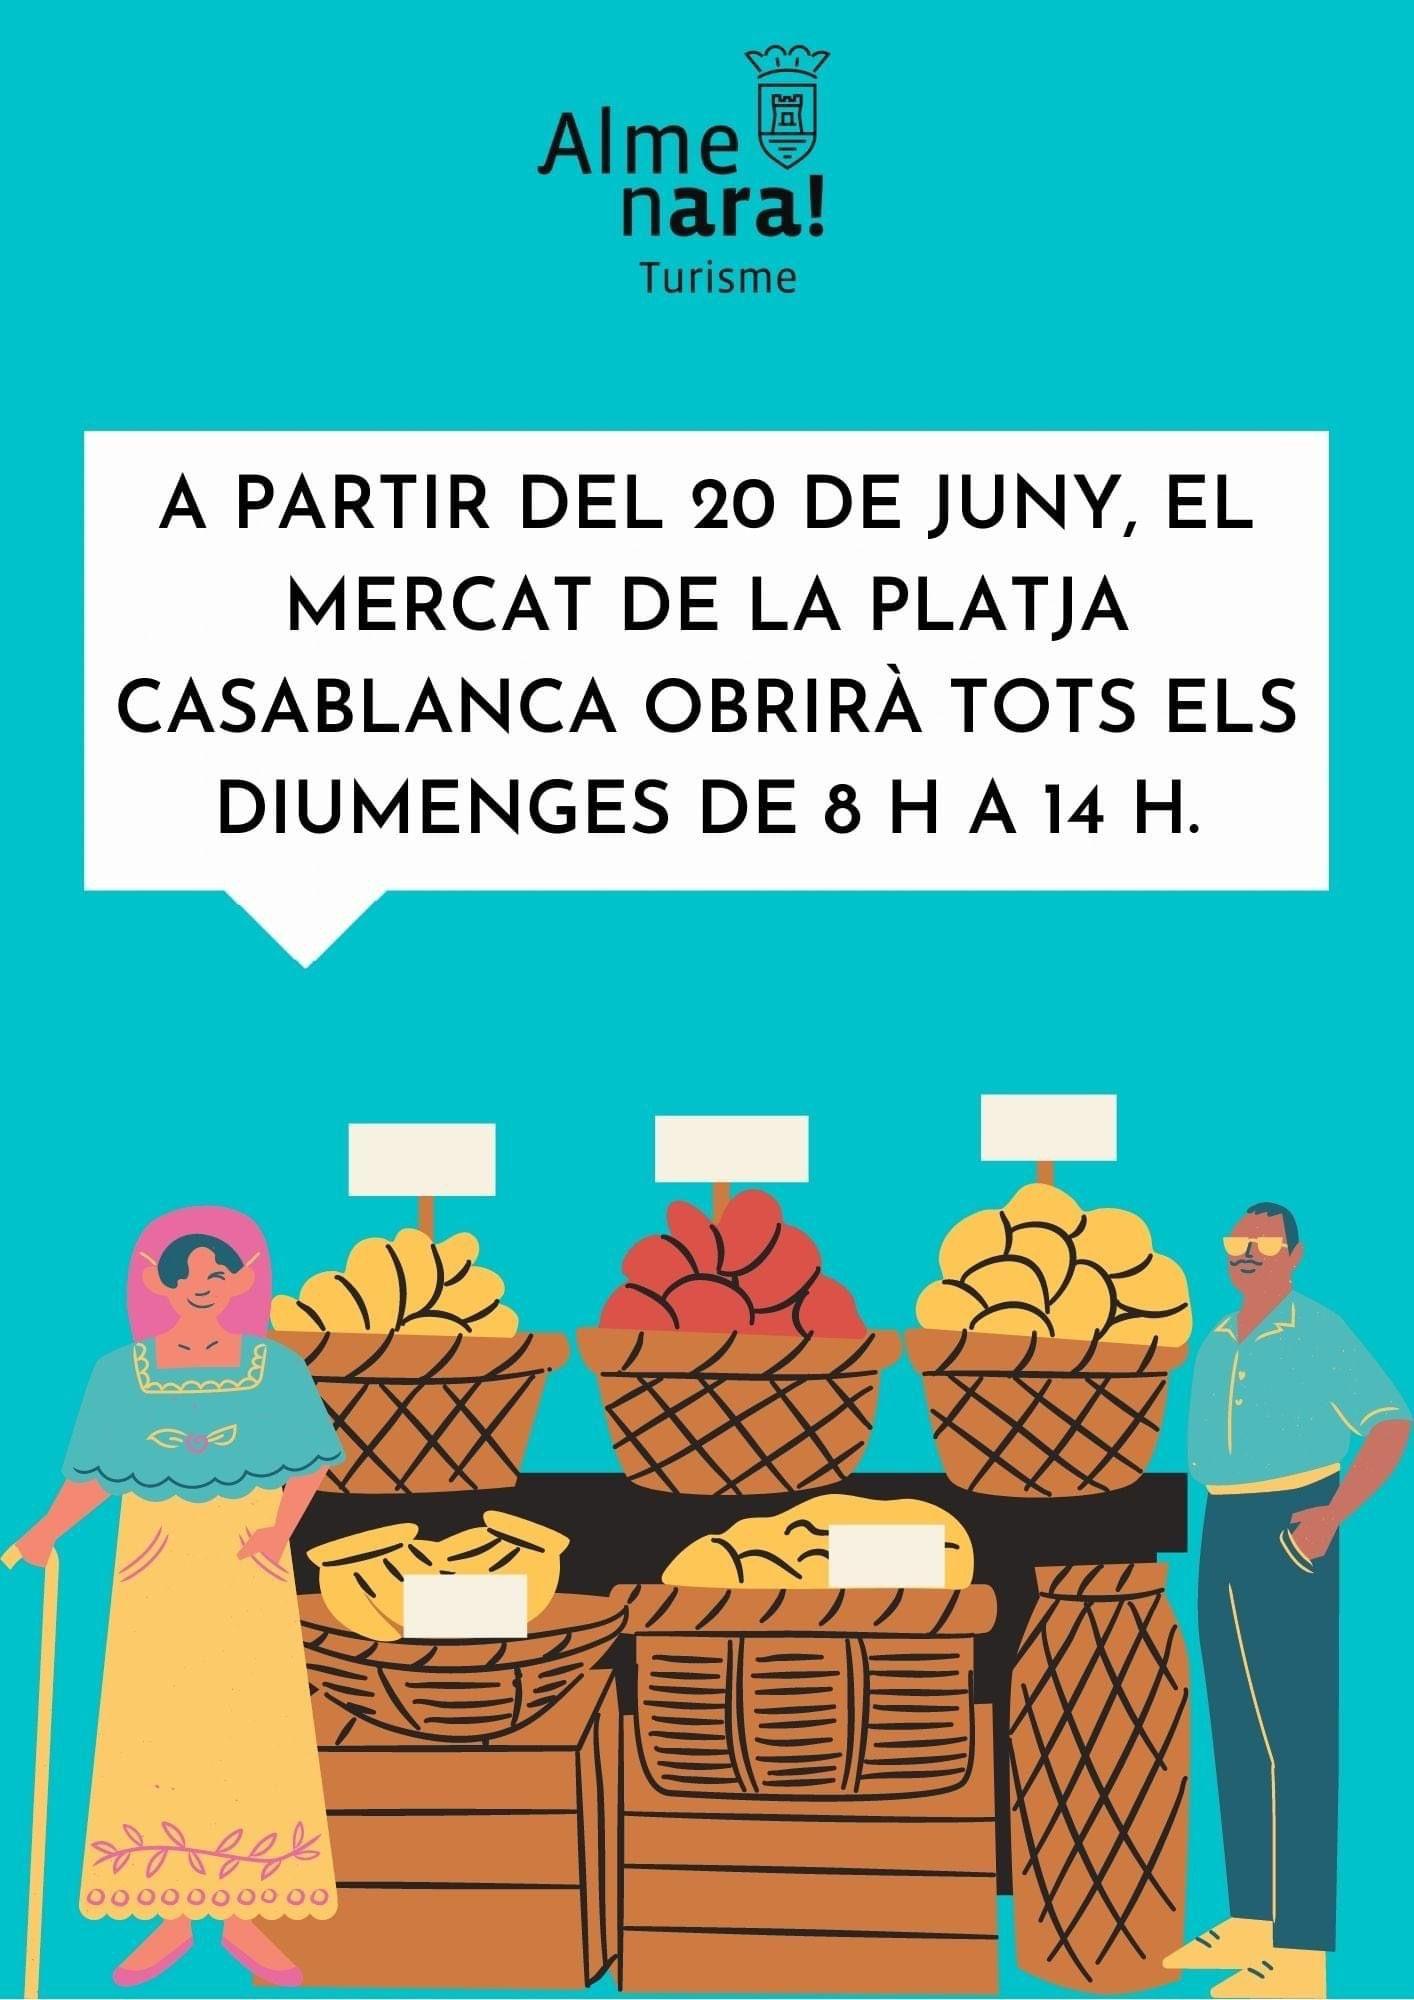 Almenara recupera a partir del domingo el mercado de la Playa Casablanca